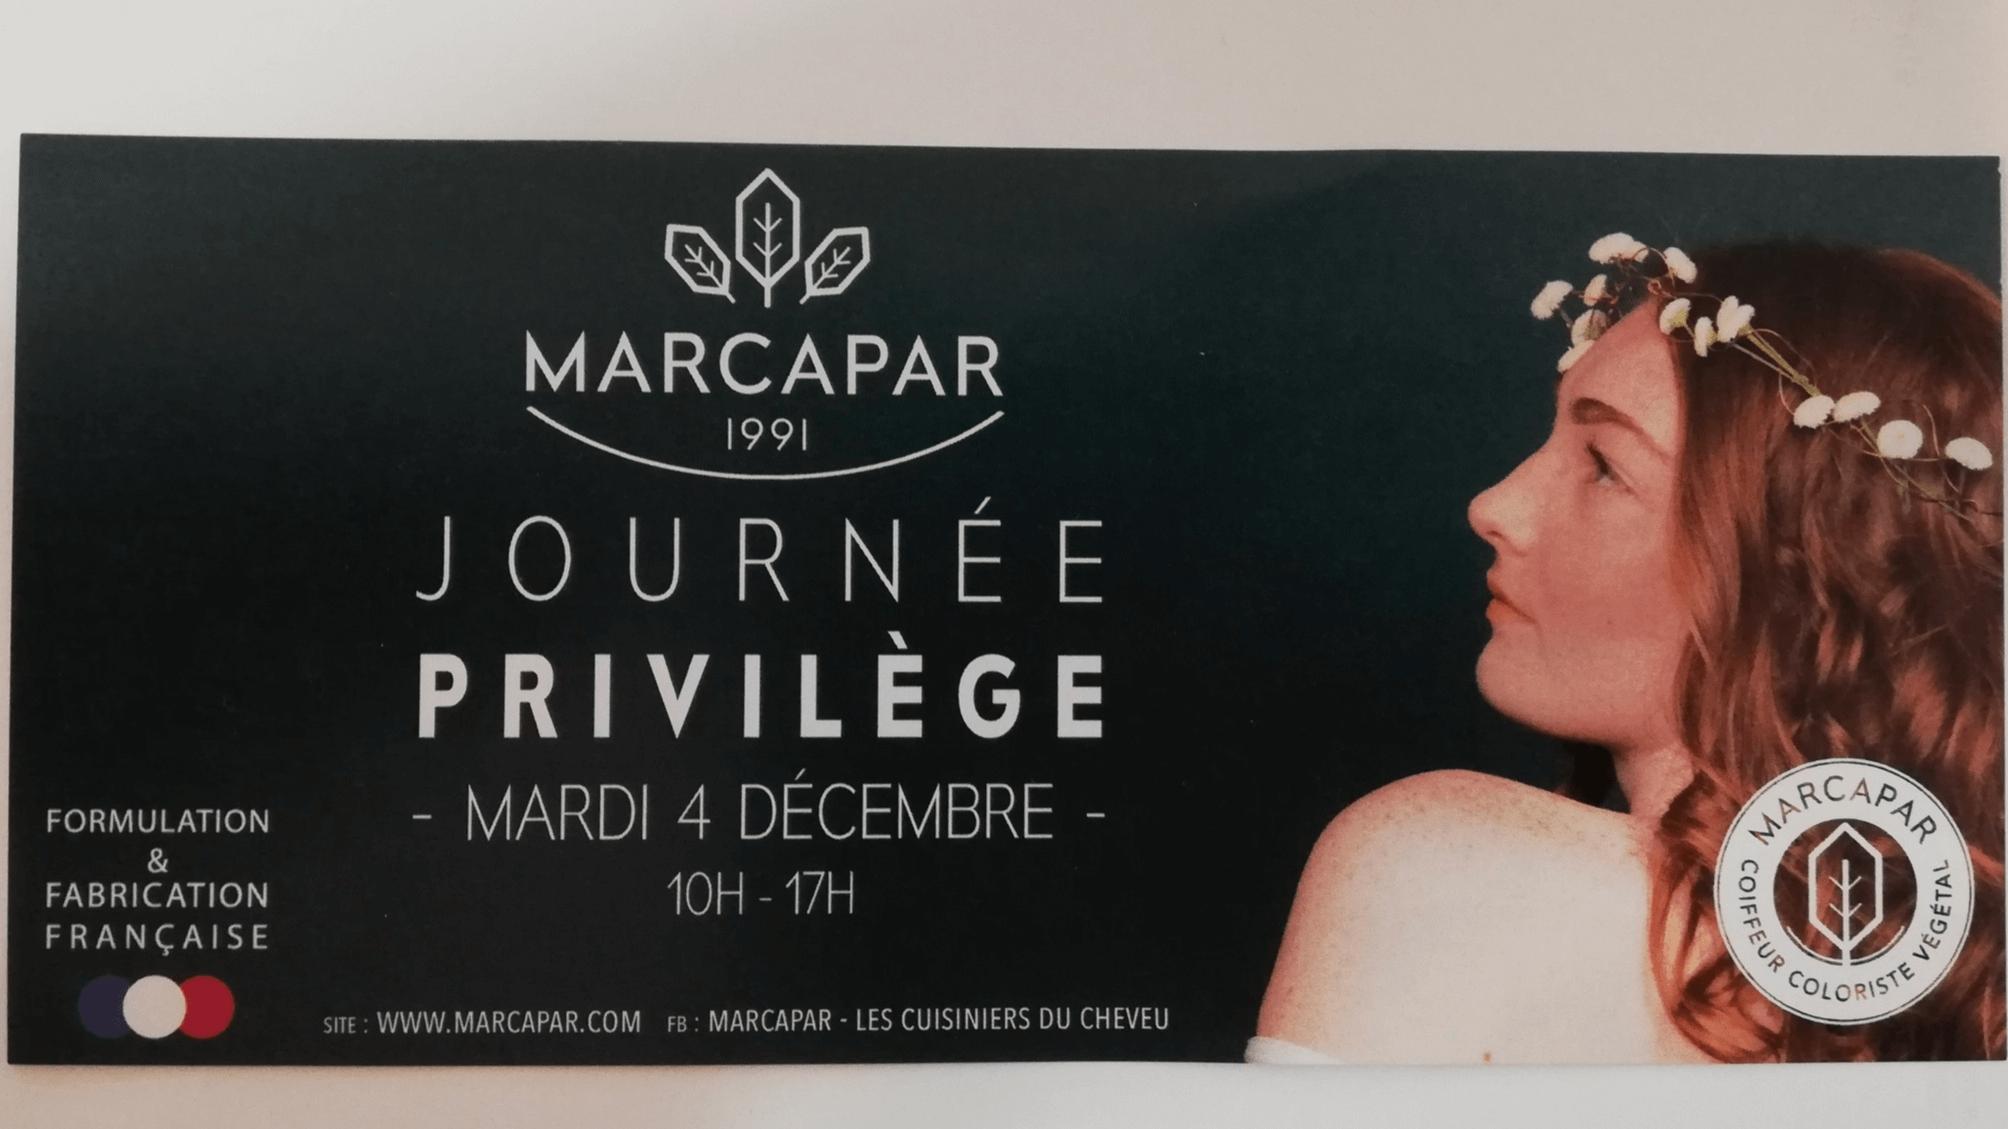 Journée Privilège MARCAPAR